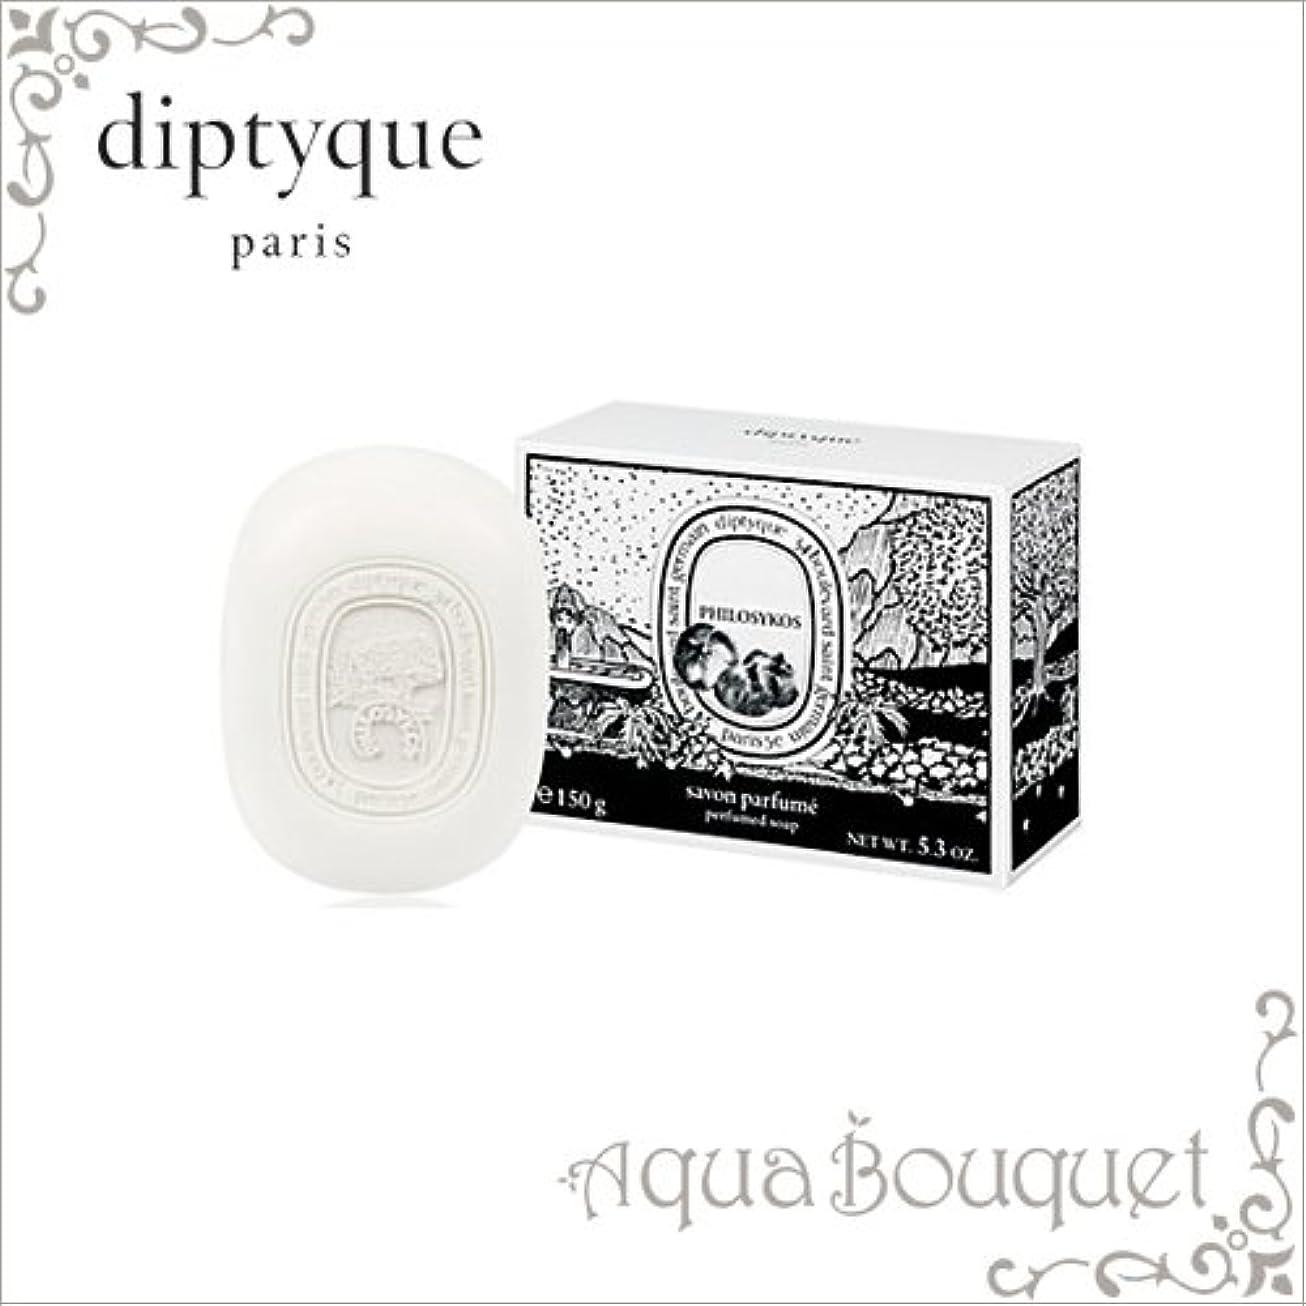 民兵シェトランド諸島商品ディプティック フィロシコス ソープ 150g DIPTYQUE PHILOSYKOS SOAP